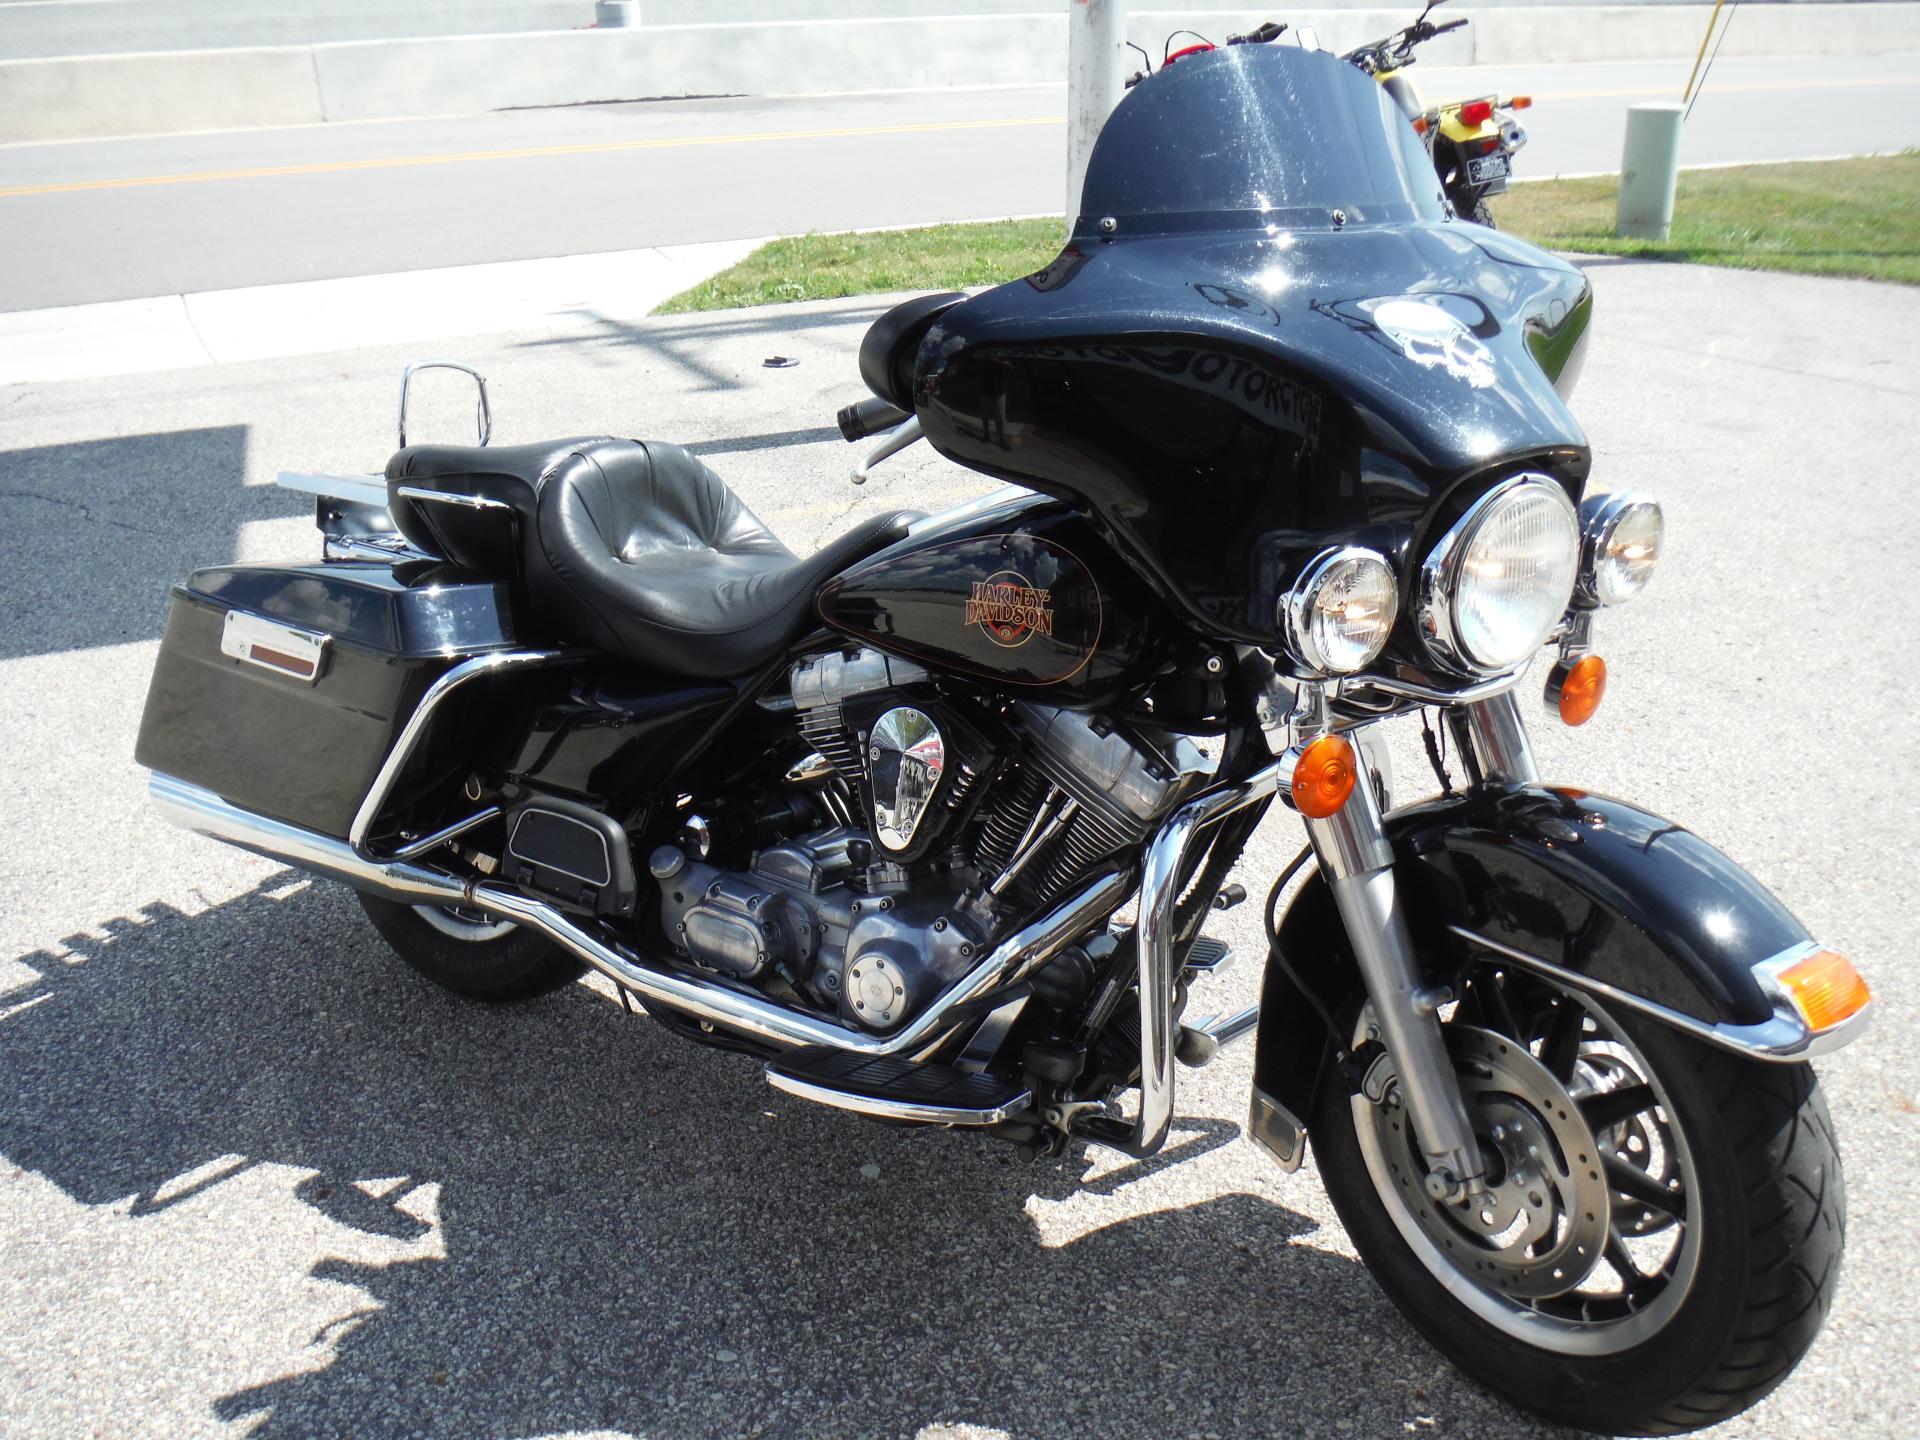 2001 Harley Davidson FLHT Electra Glide